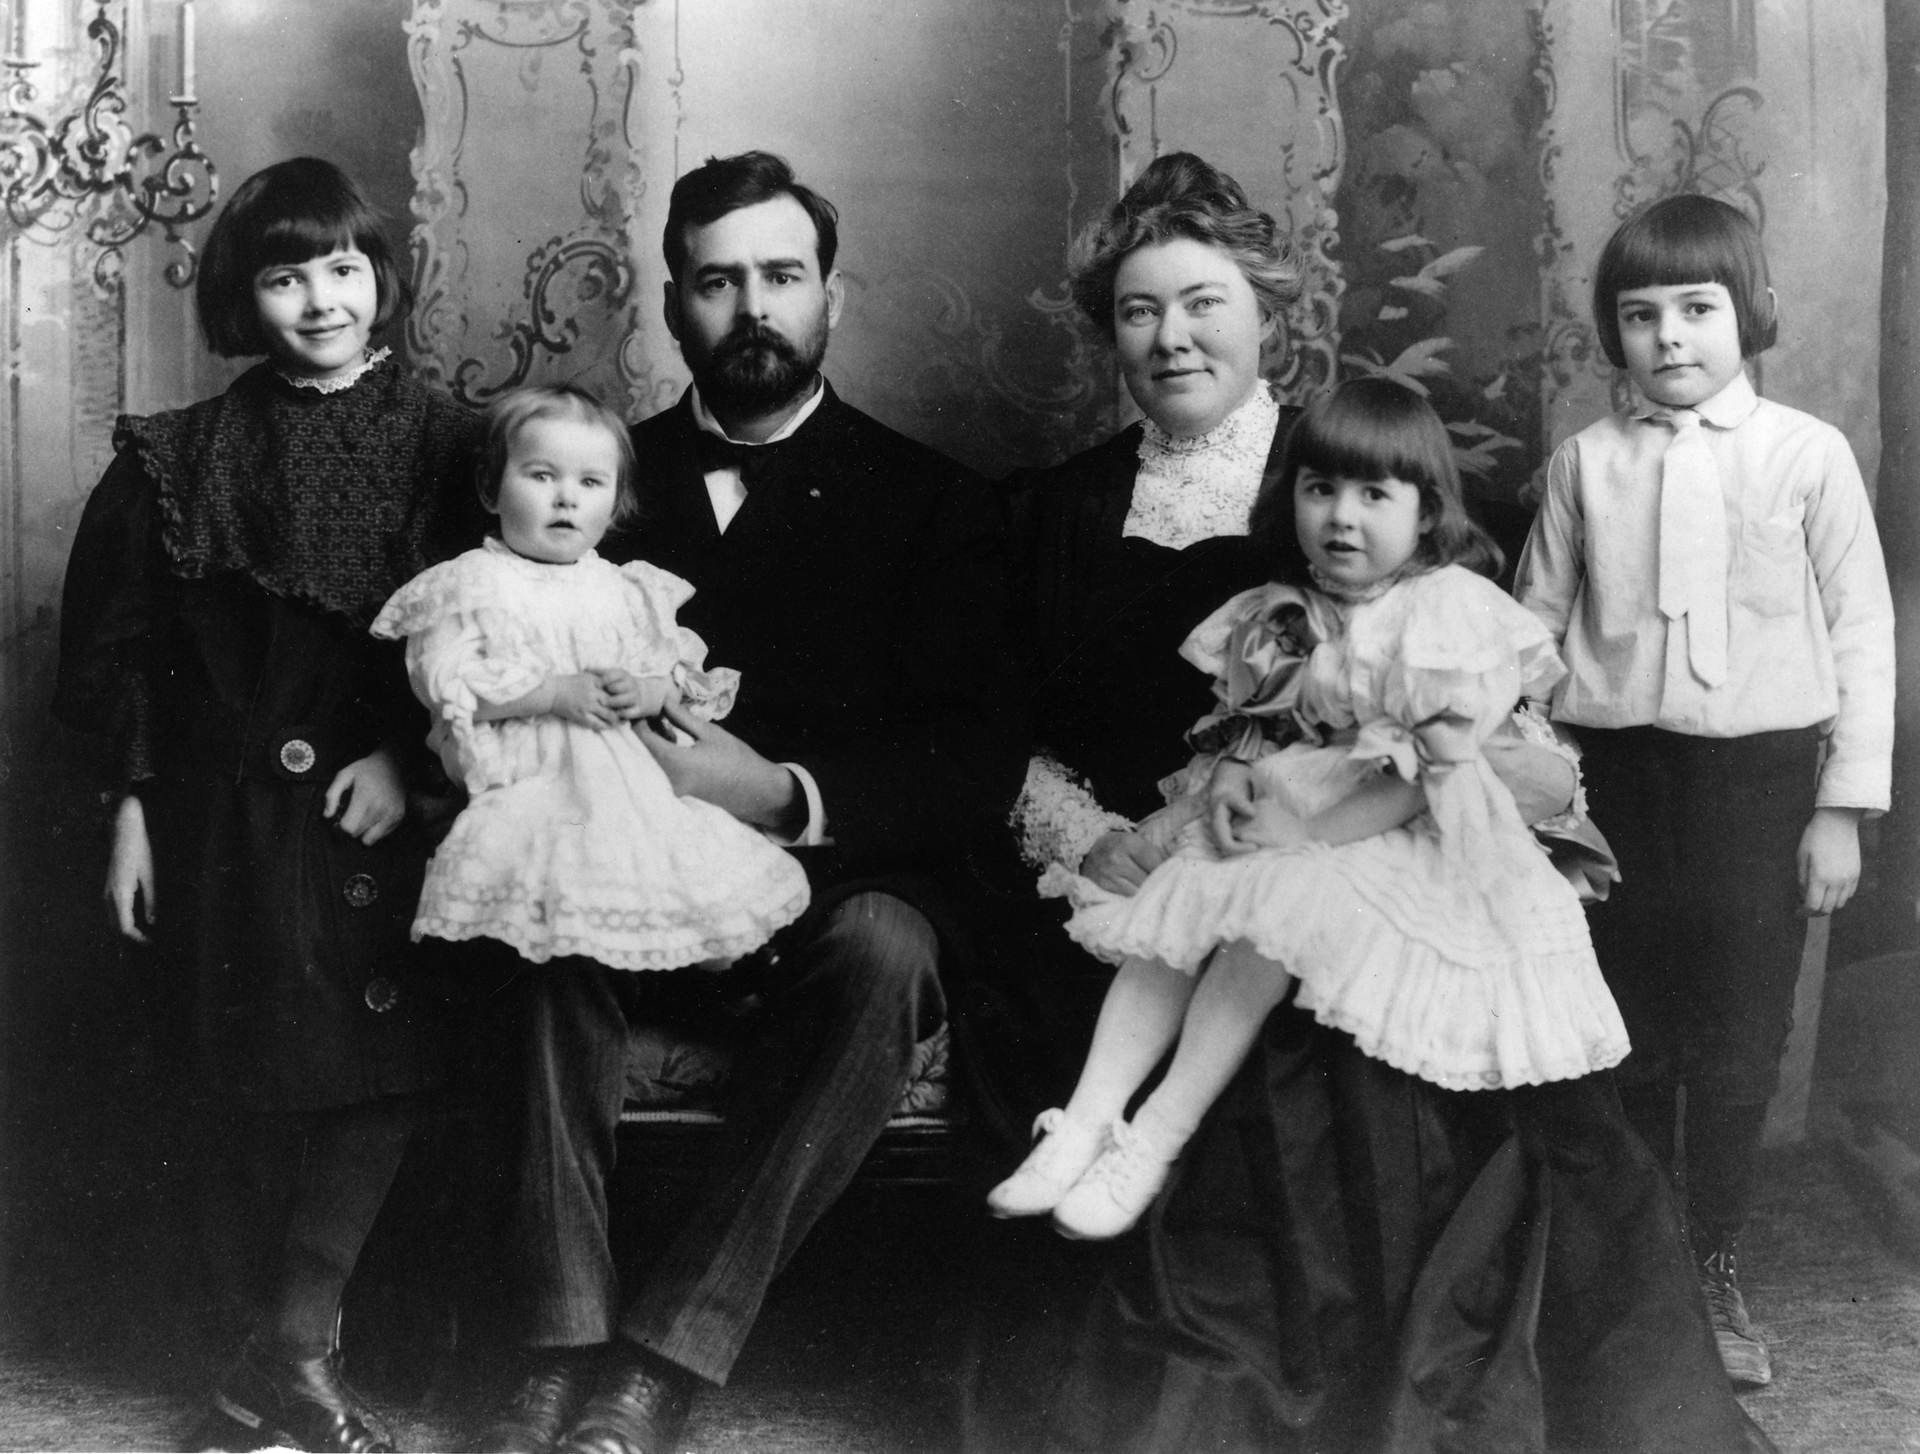 Ernest Hemingway zrodziną Źródło: Ernest Hemingway zrodziną, 1905, domena publiczna.